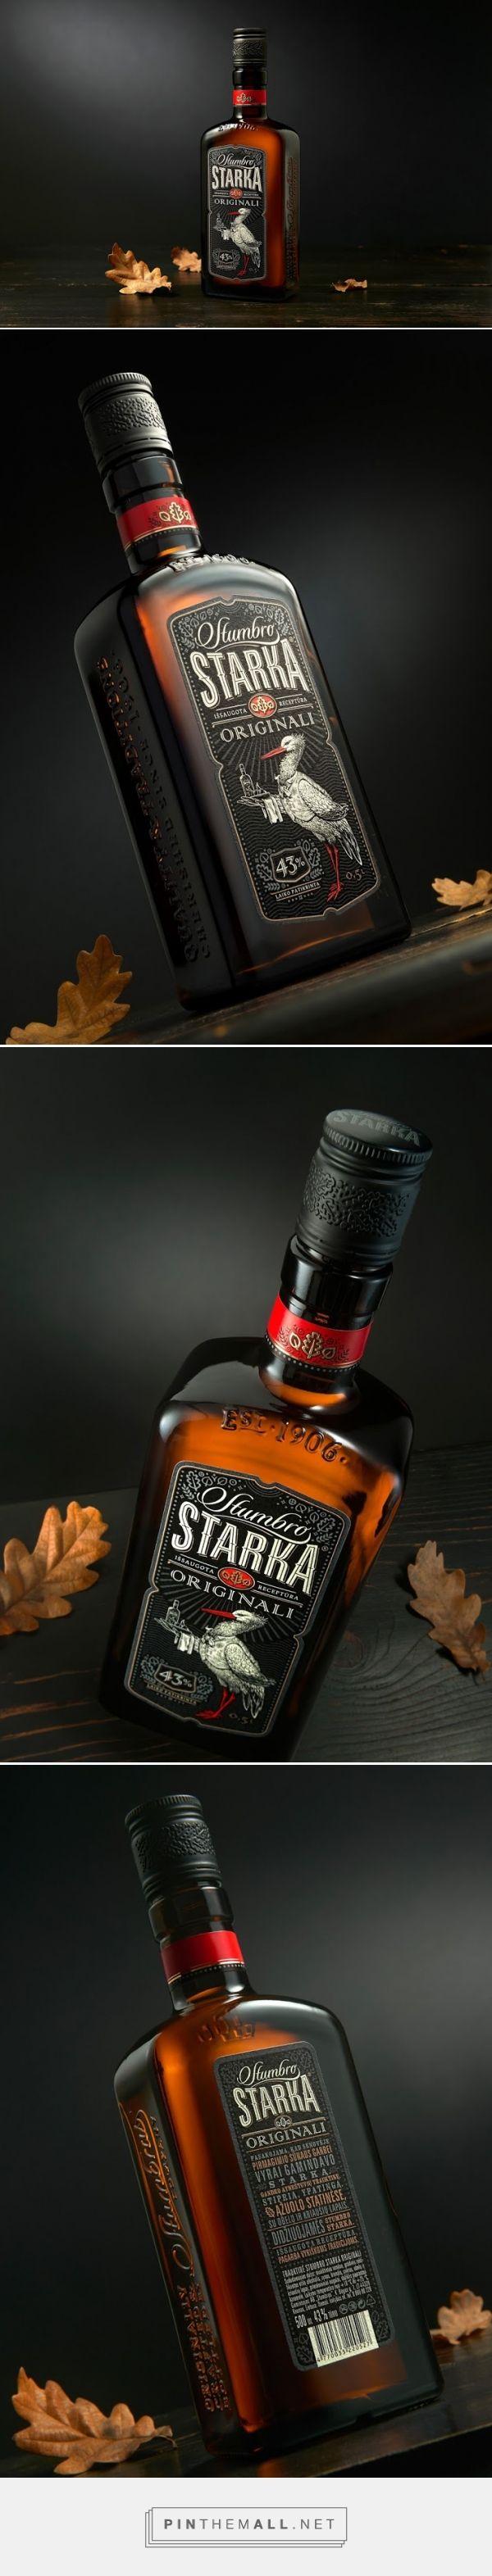 Stumbro STARKA vodka packaging designed by Studija CREATA - http://www.packagingoftheworld.com/2015/11/stumbro-starka.html